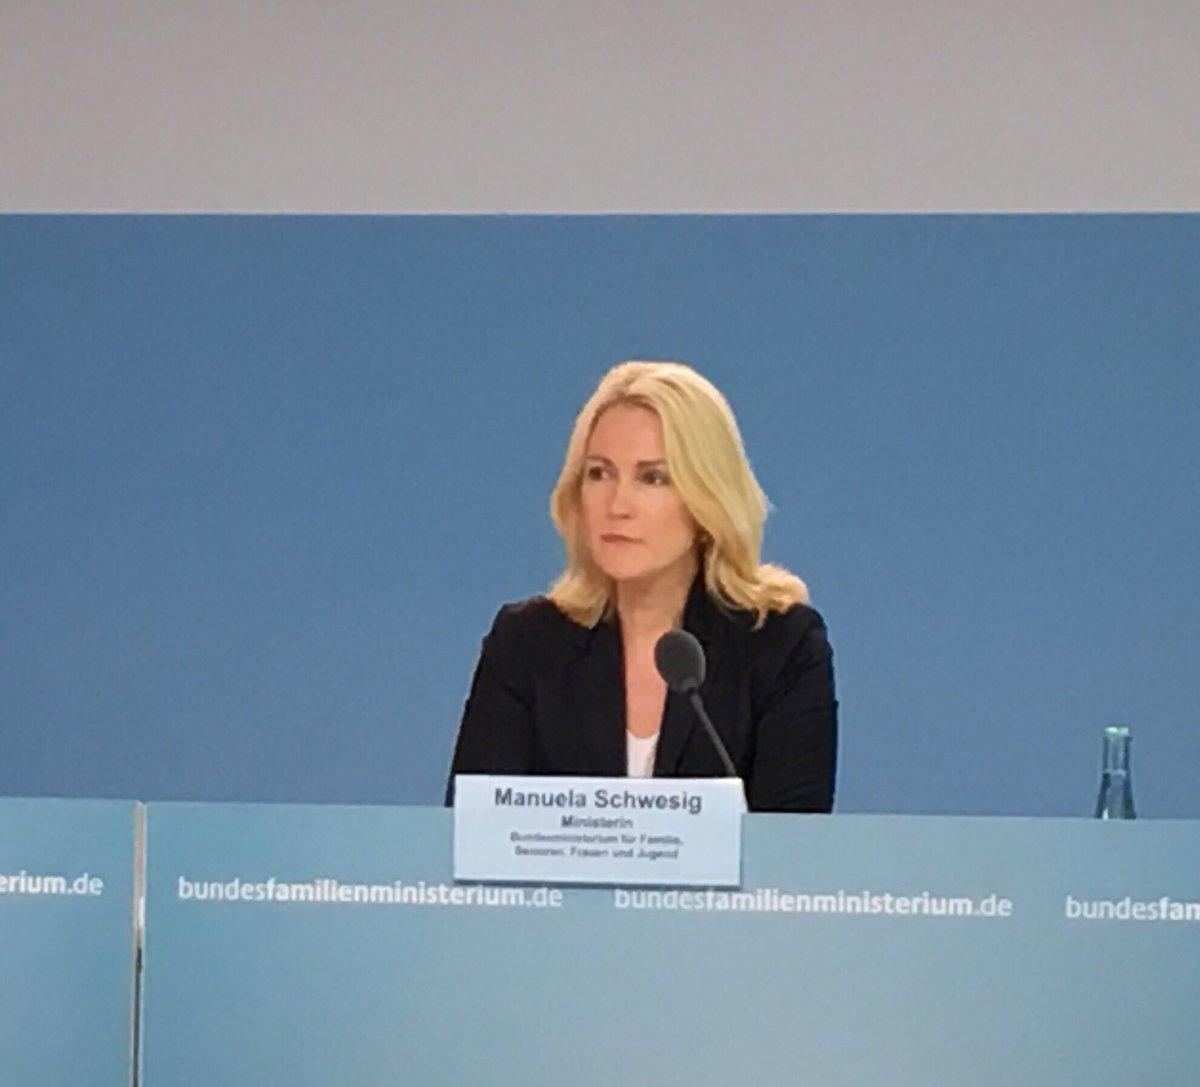 Last resort von Manuela #Schwesig als Familienministerin.